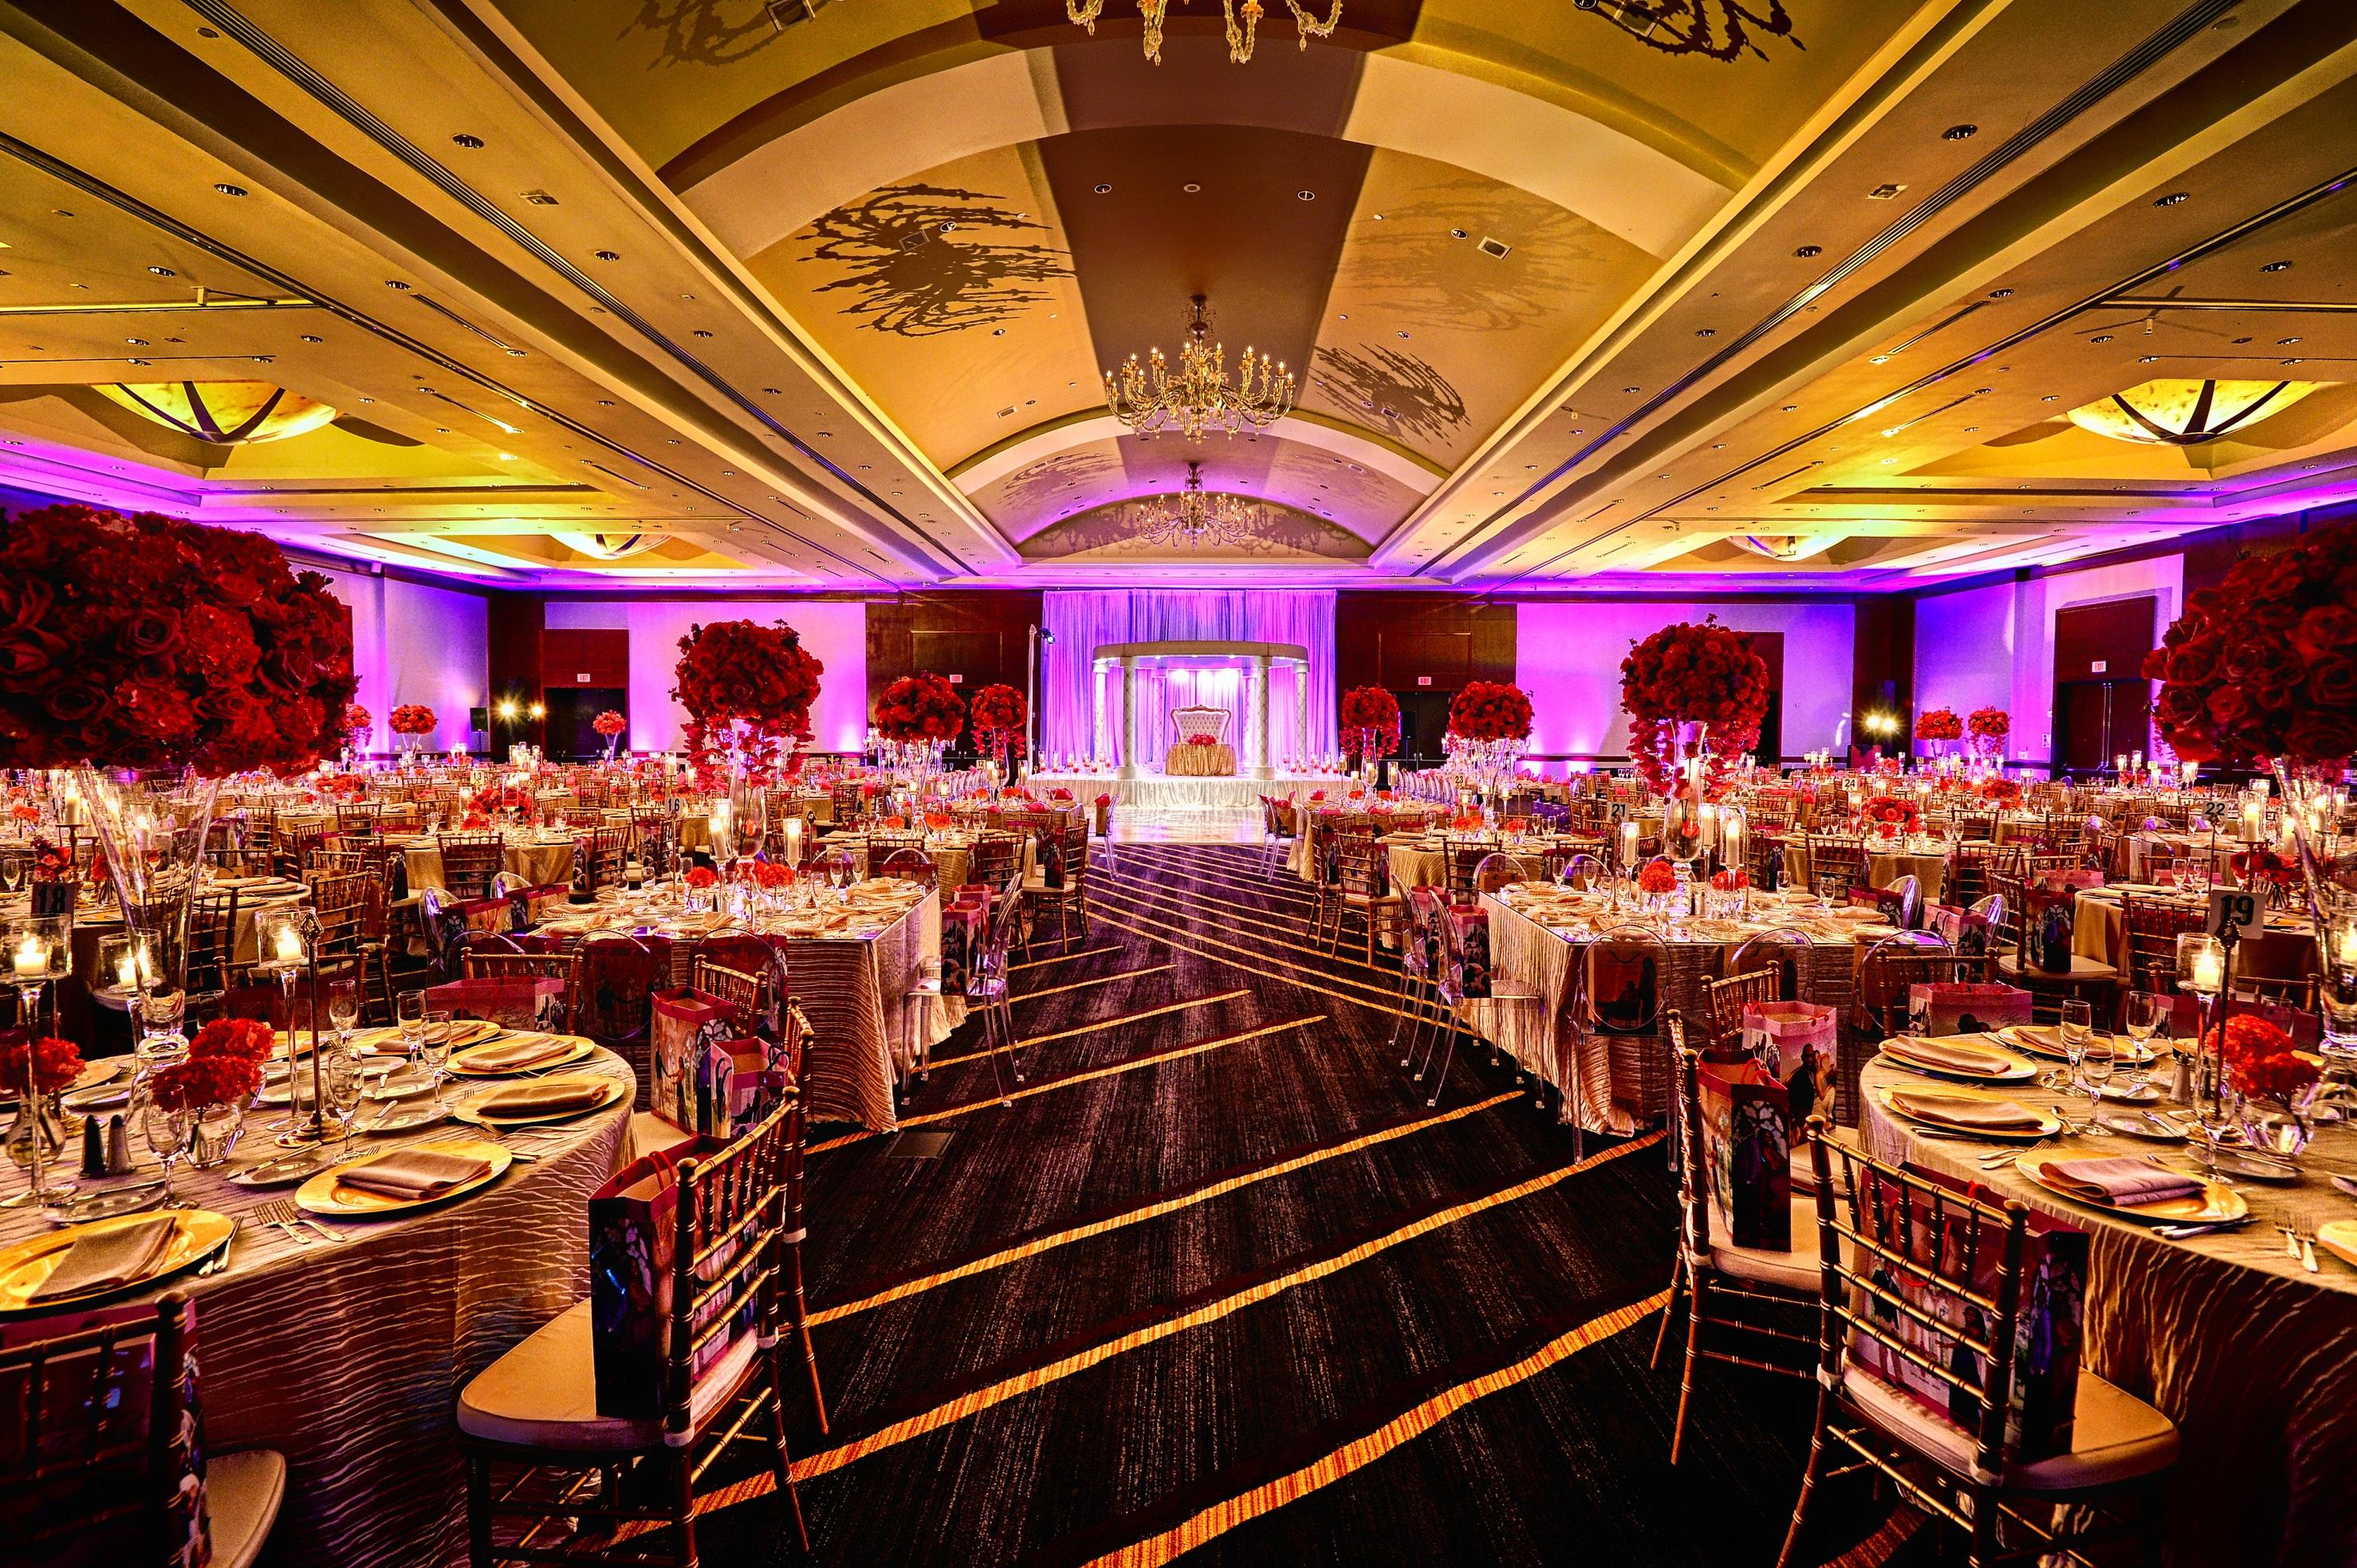 Royal Sonesta Houston - Wedding